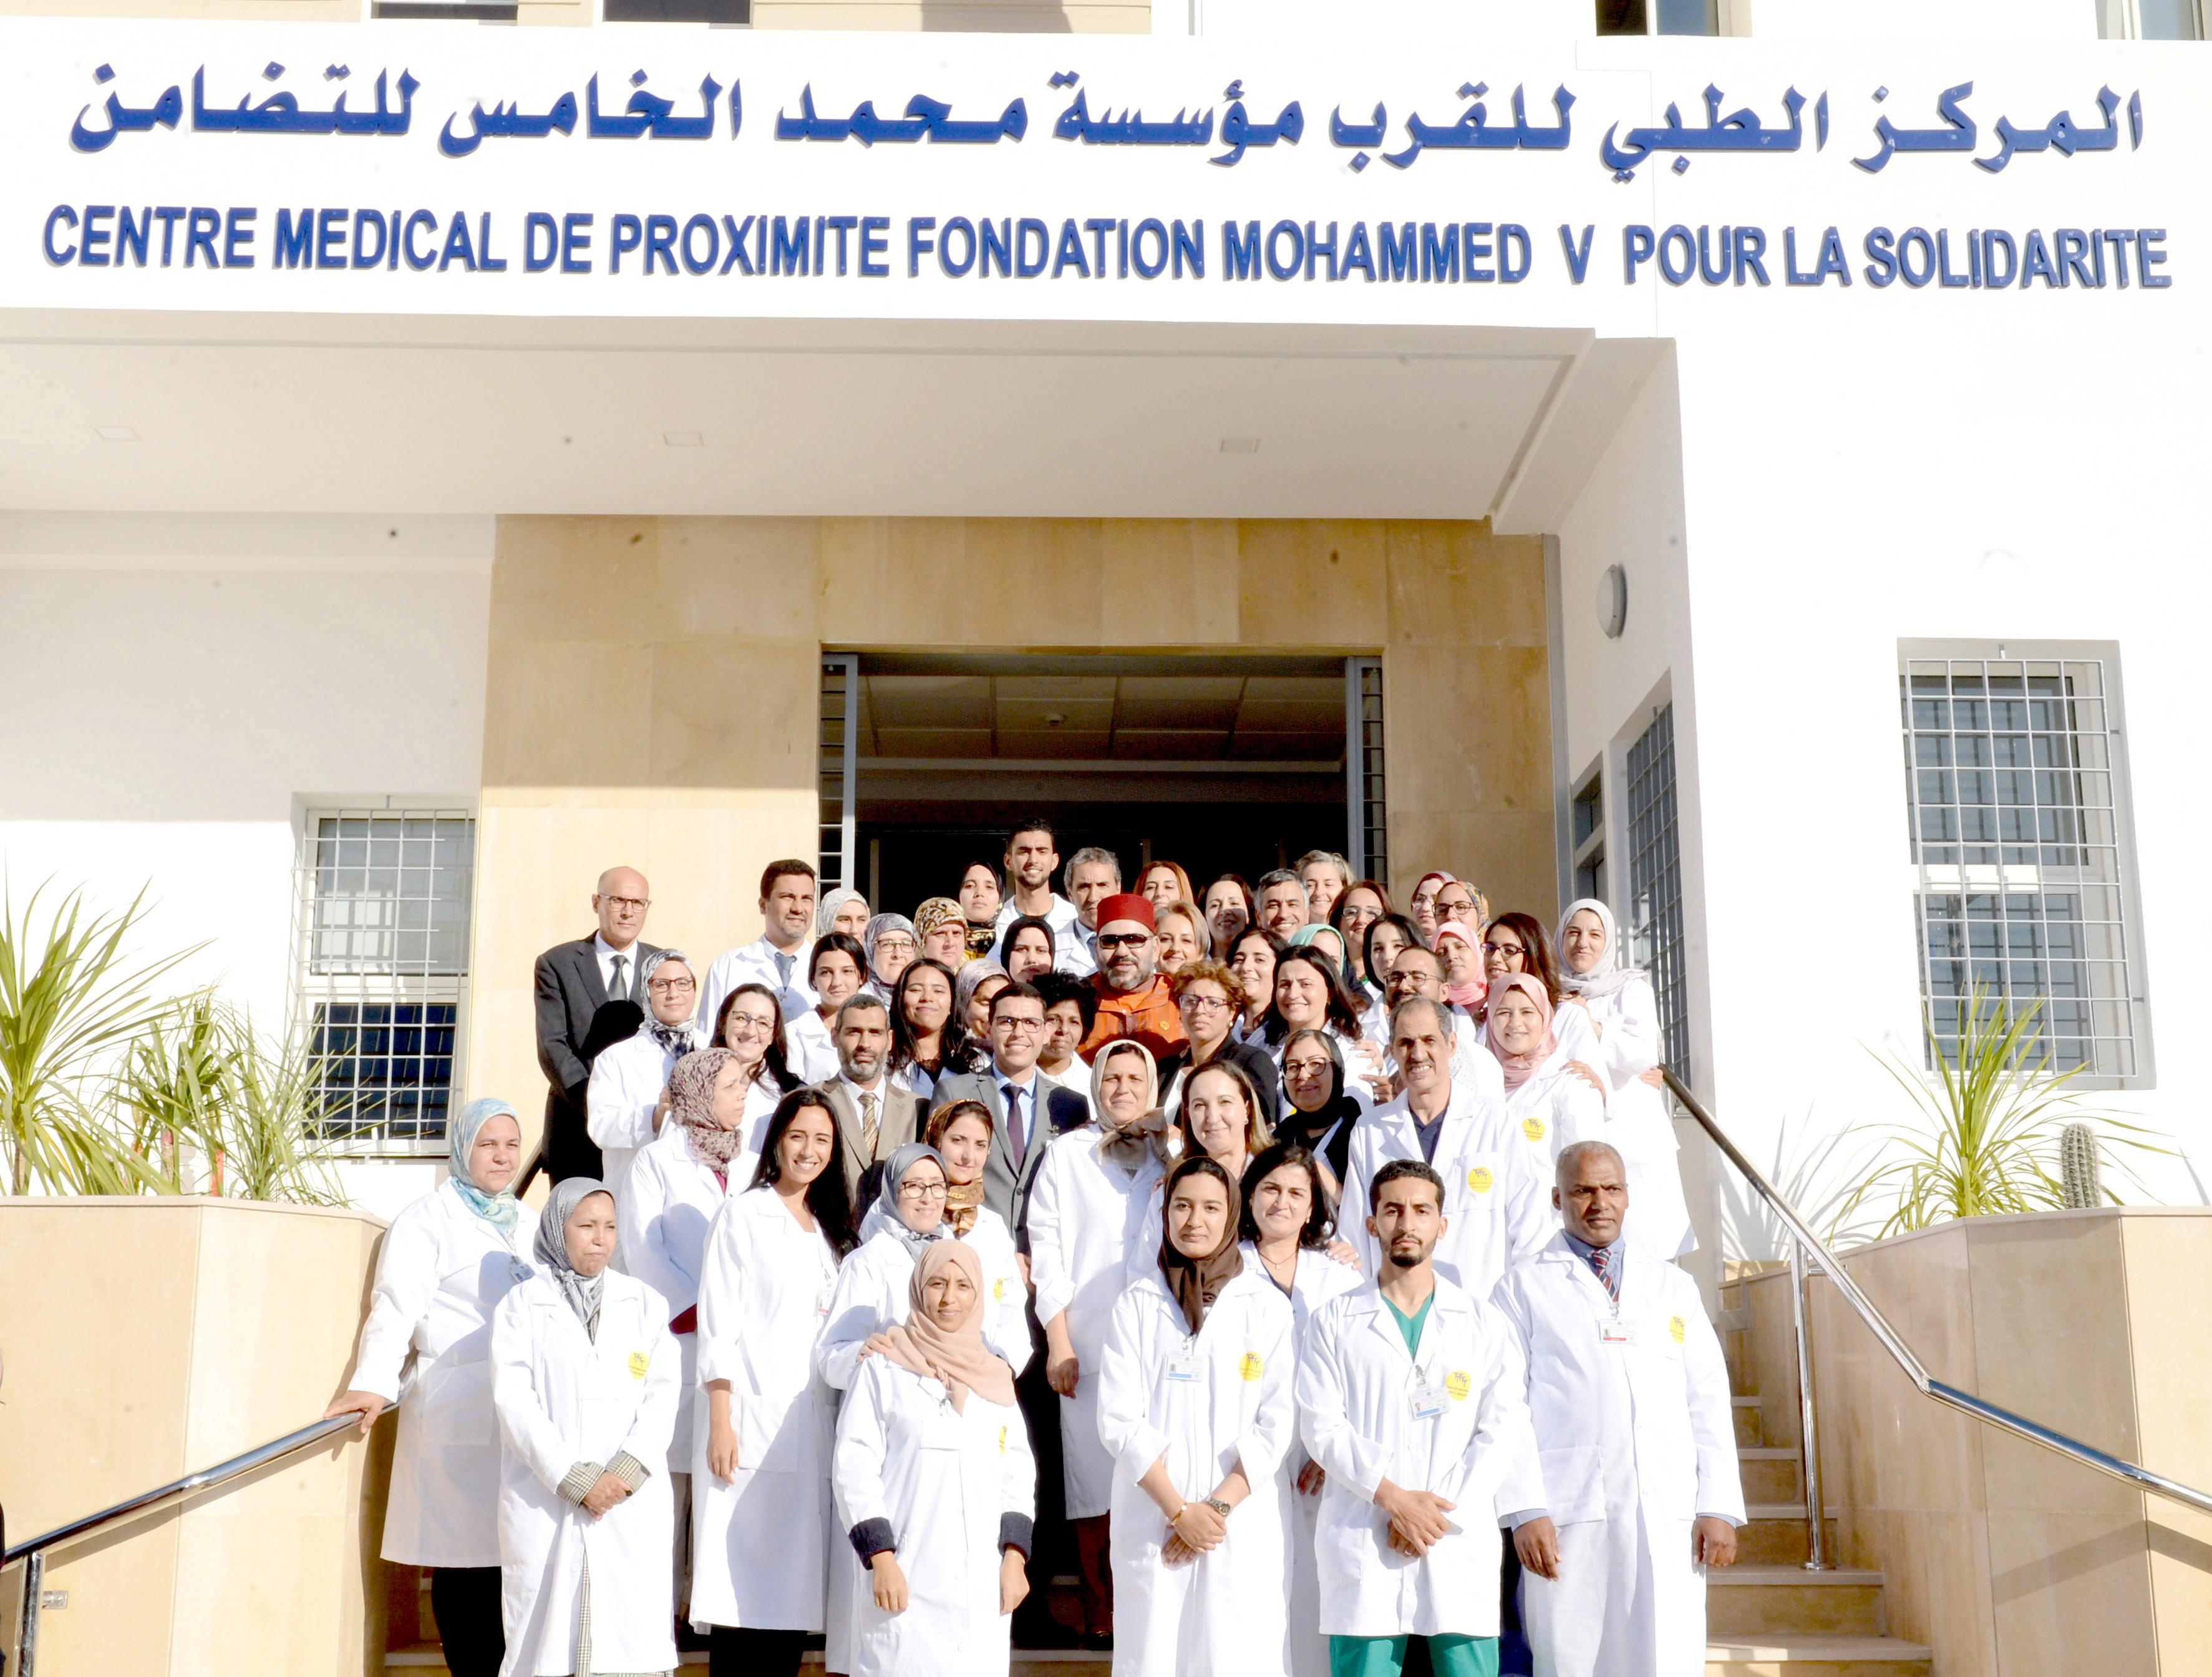 S.M le Roi inaugure un Centre médical de proximité à Rabat